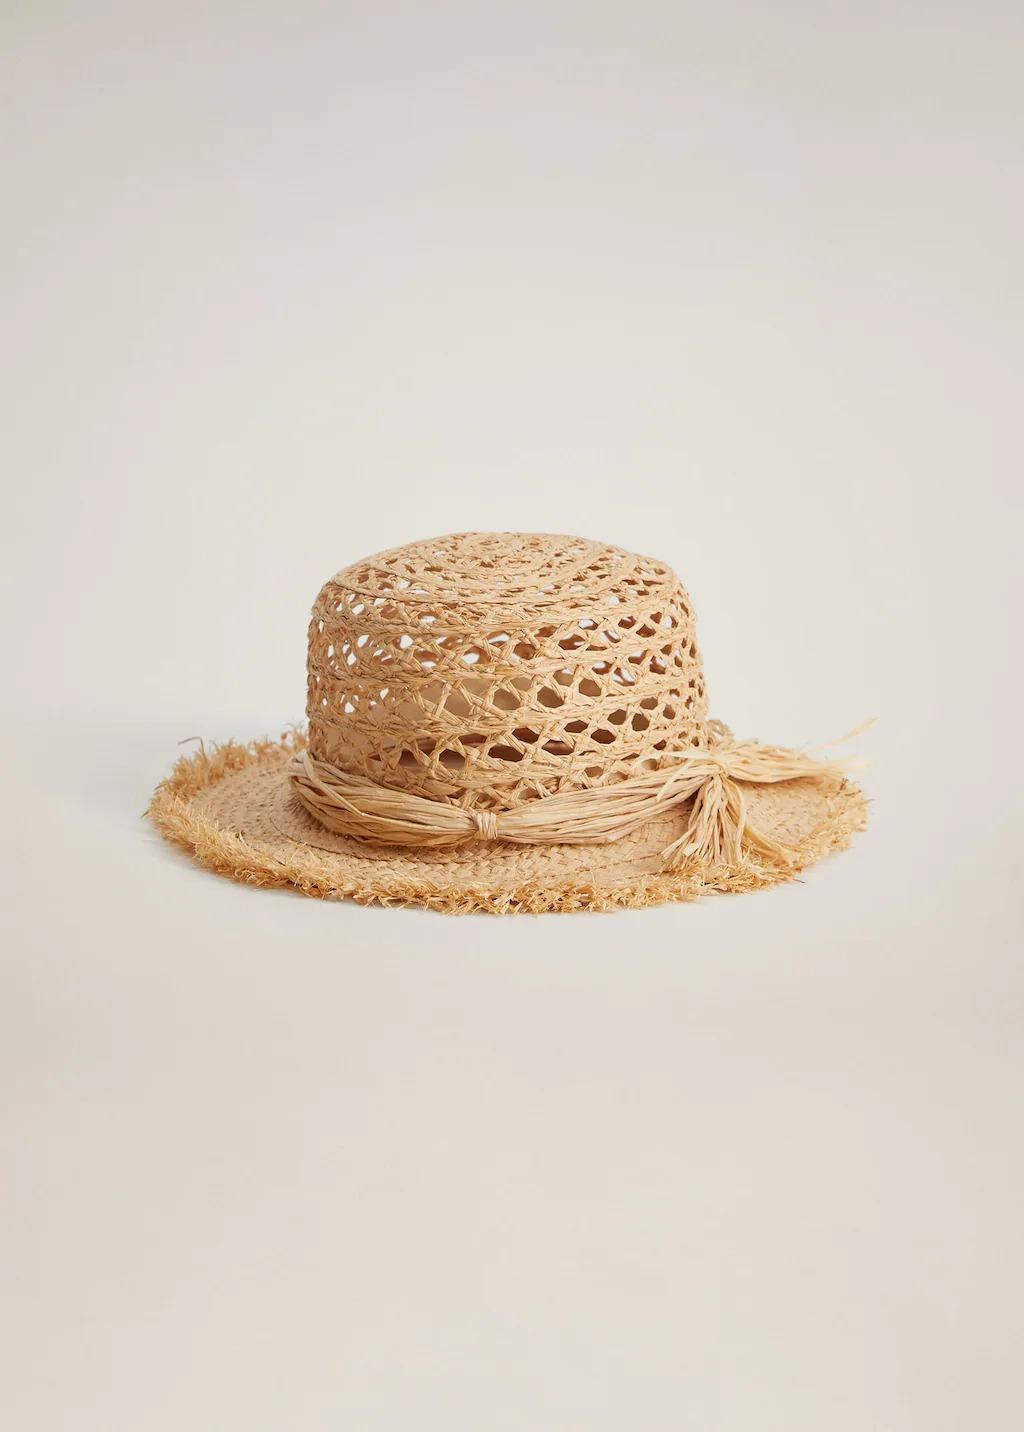 Mũ cói viền rơm mùa Hè của Mango